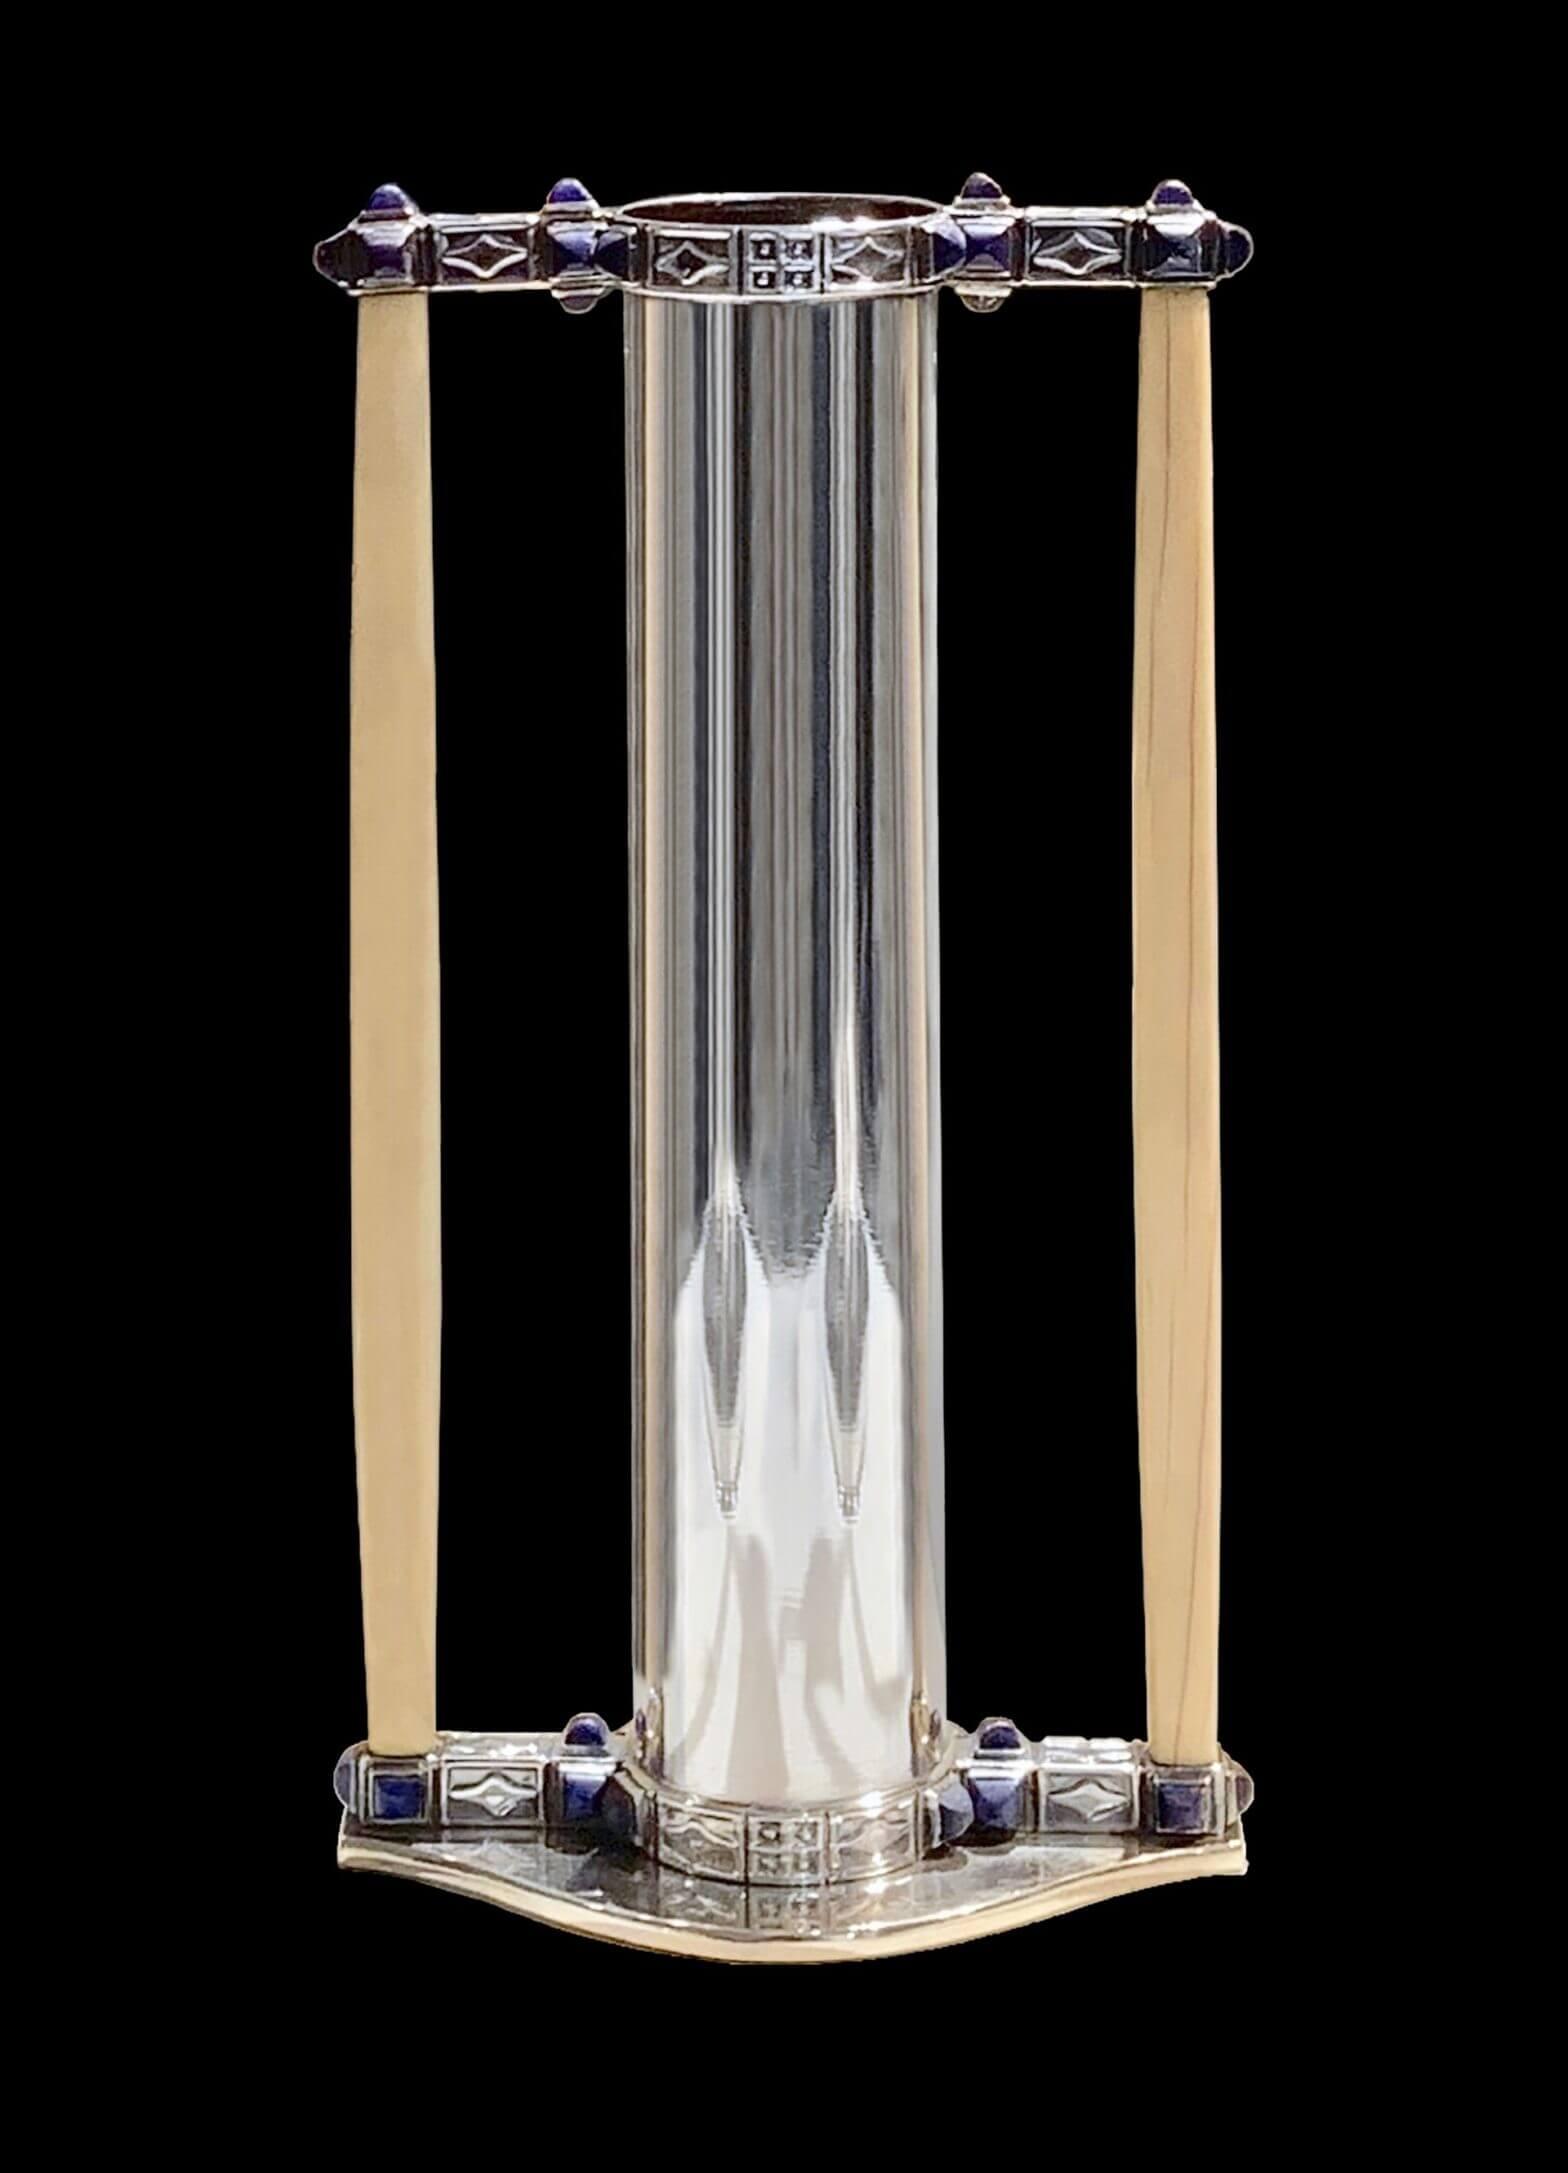 Koloman Moser - Pair of vases model N° S 598, Ivory, Lapis Lazuli, Neue Galerie, New-York